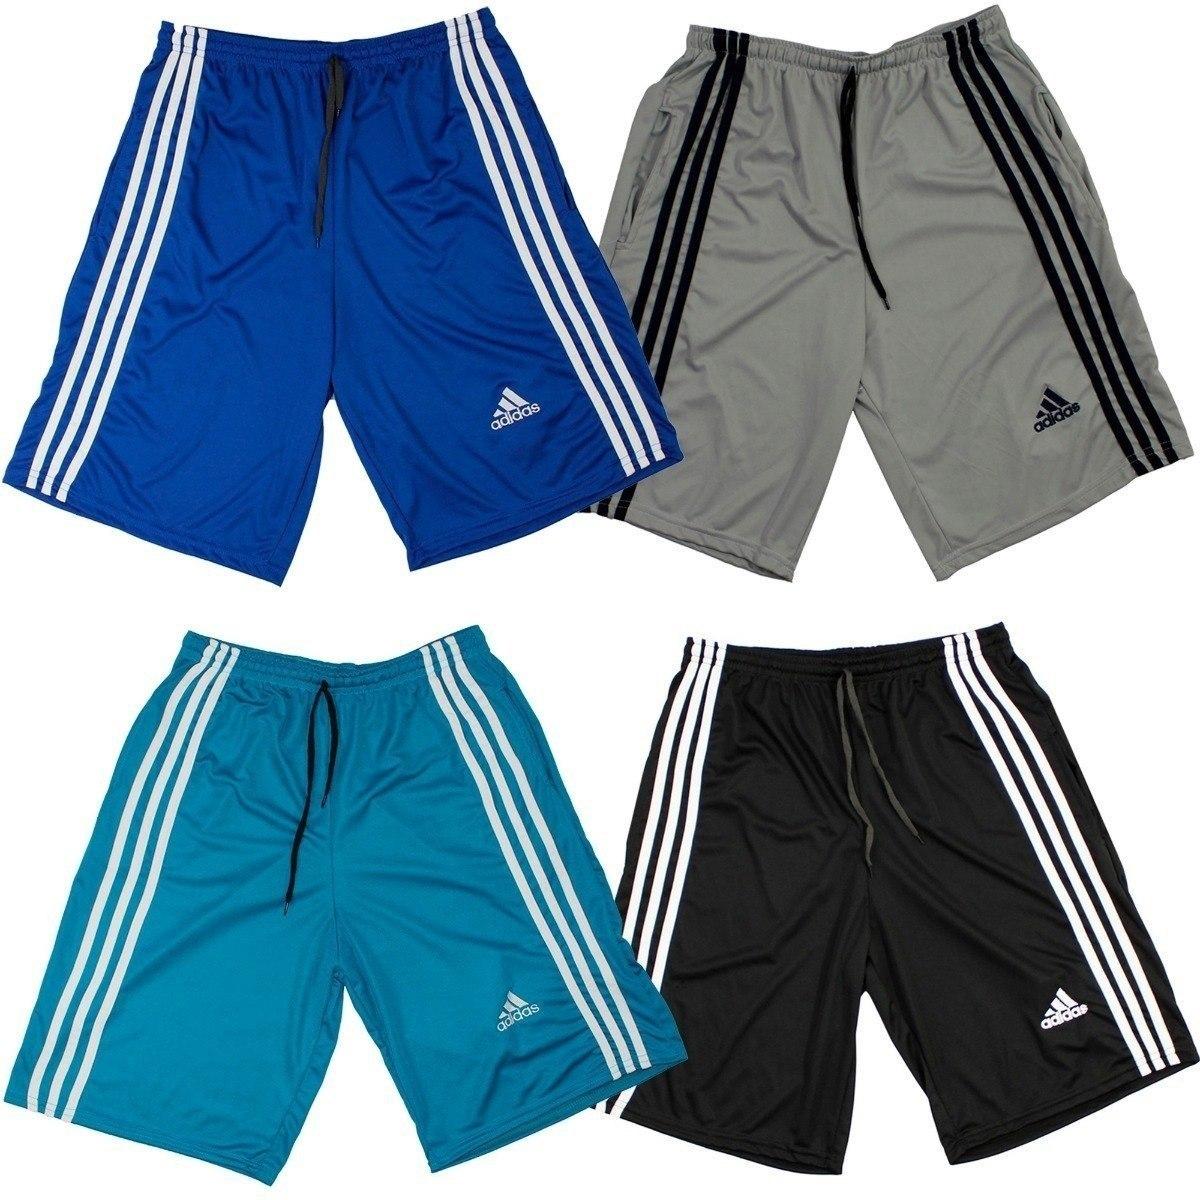 ac717eafda kit 10 bermuda esportes várias cores treino futebol. Carregando zoom.